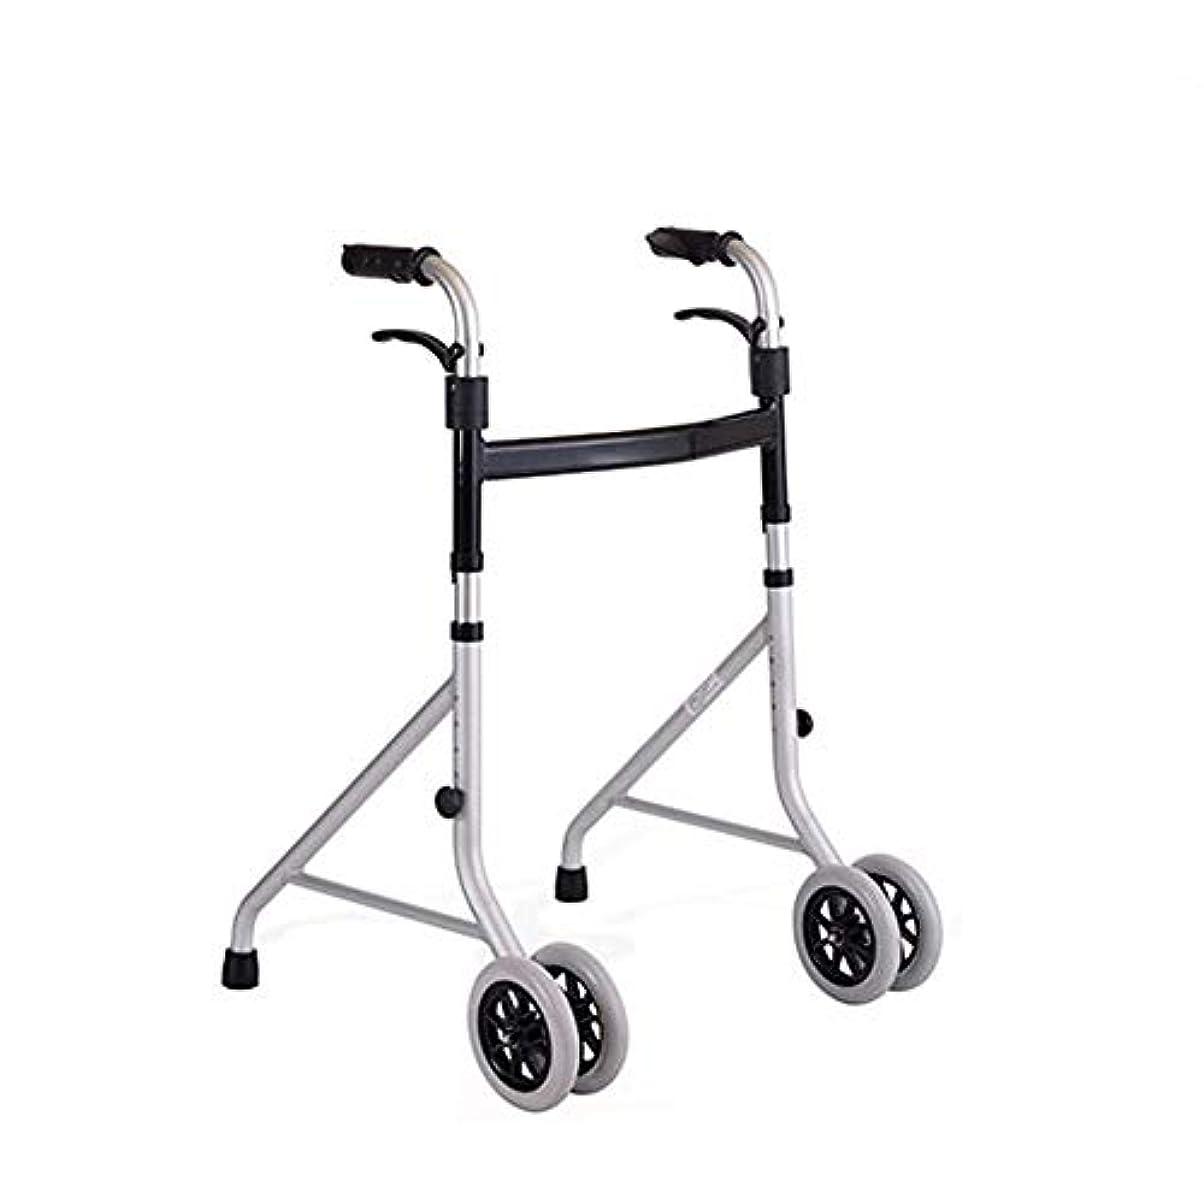 眠るアンティーク捨てる折りたたみ式軽量アルミニウム歩行フレーム/ジマー/ 4車輪付き歩行器-高さ調節可能 (Color : Gray)